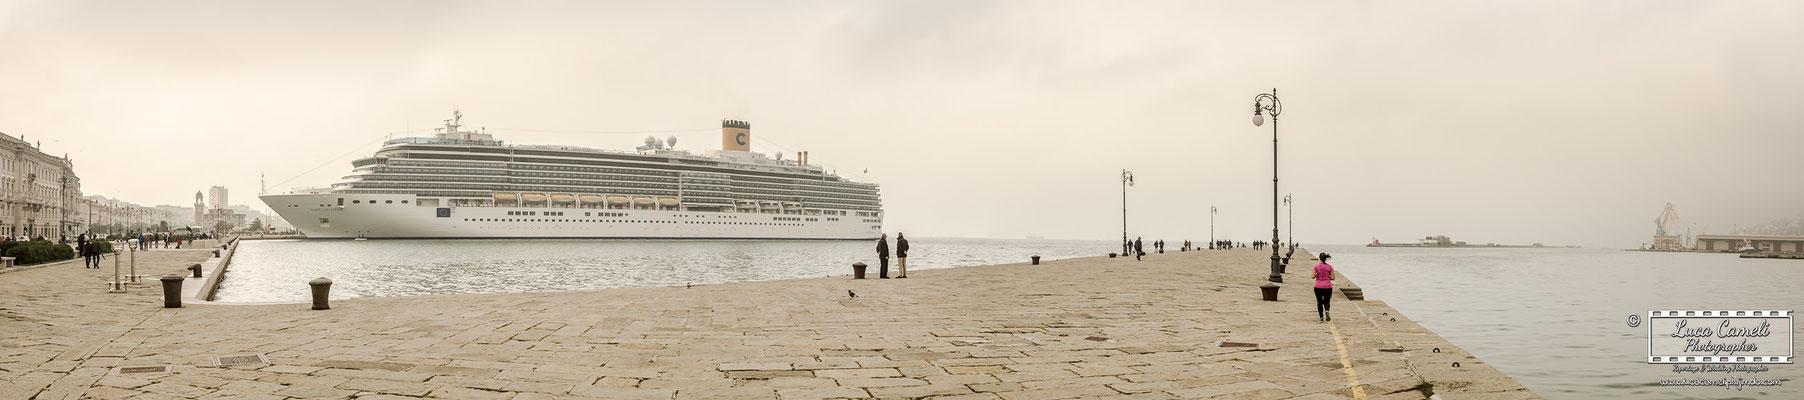 Trieste - Molo Audace, Le Rive, Costa Crociere. © Luca Cameli Photographer